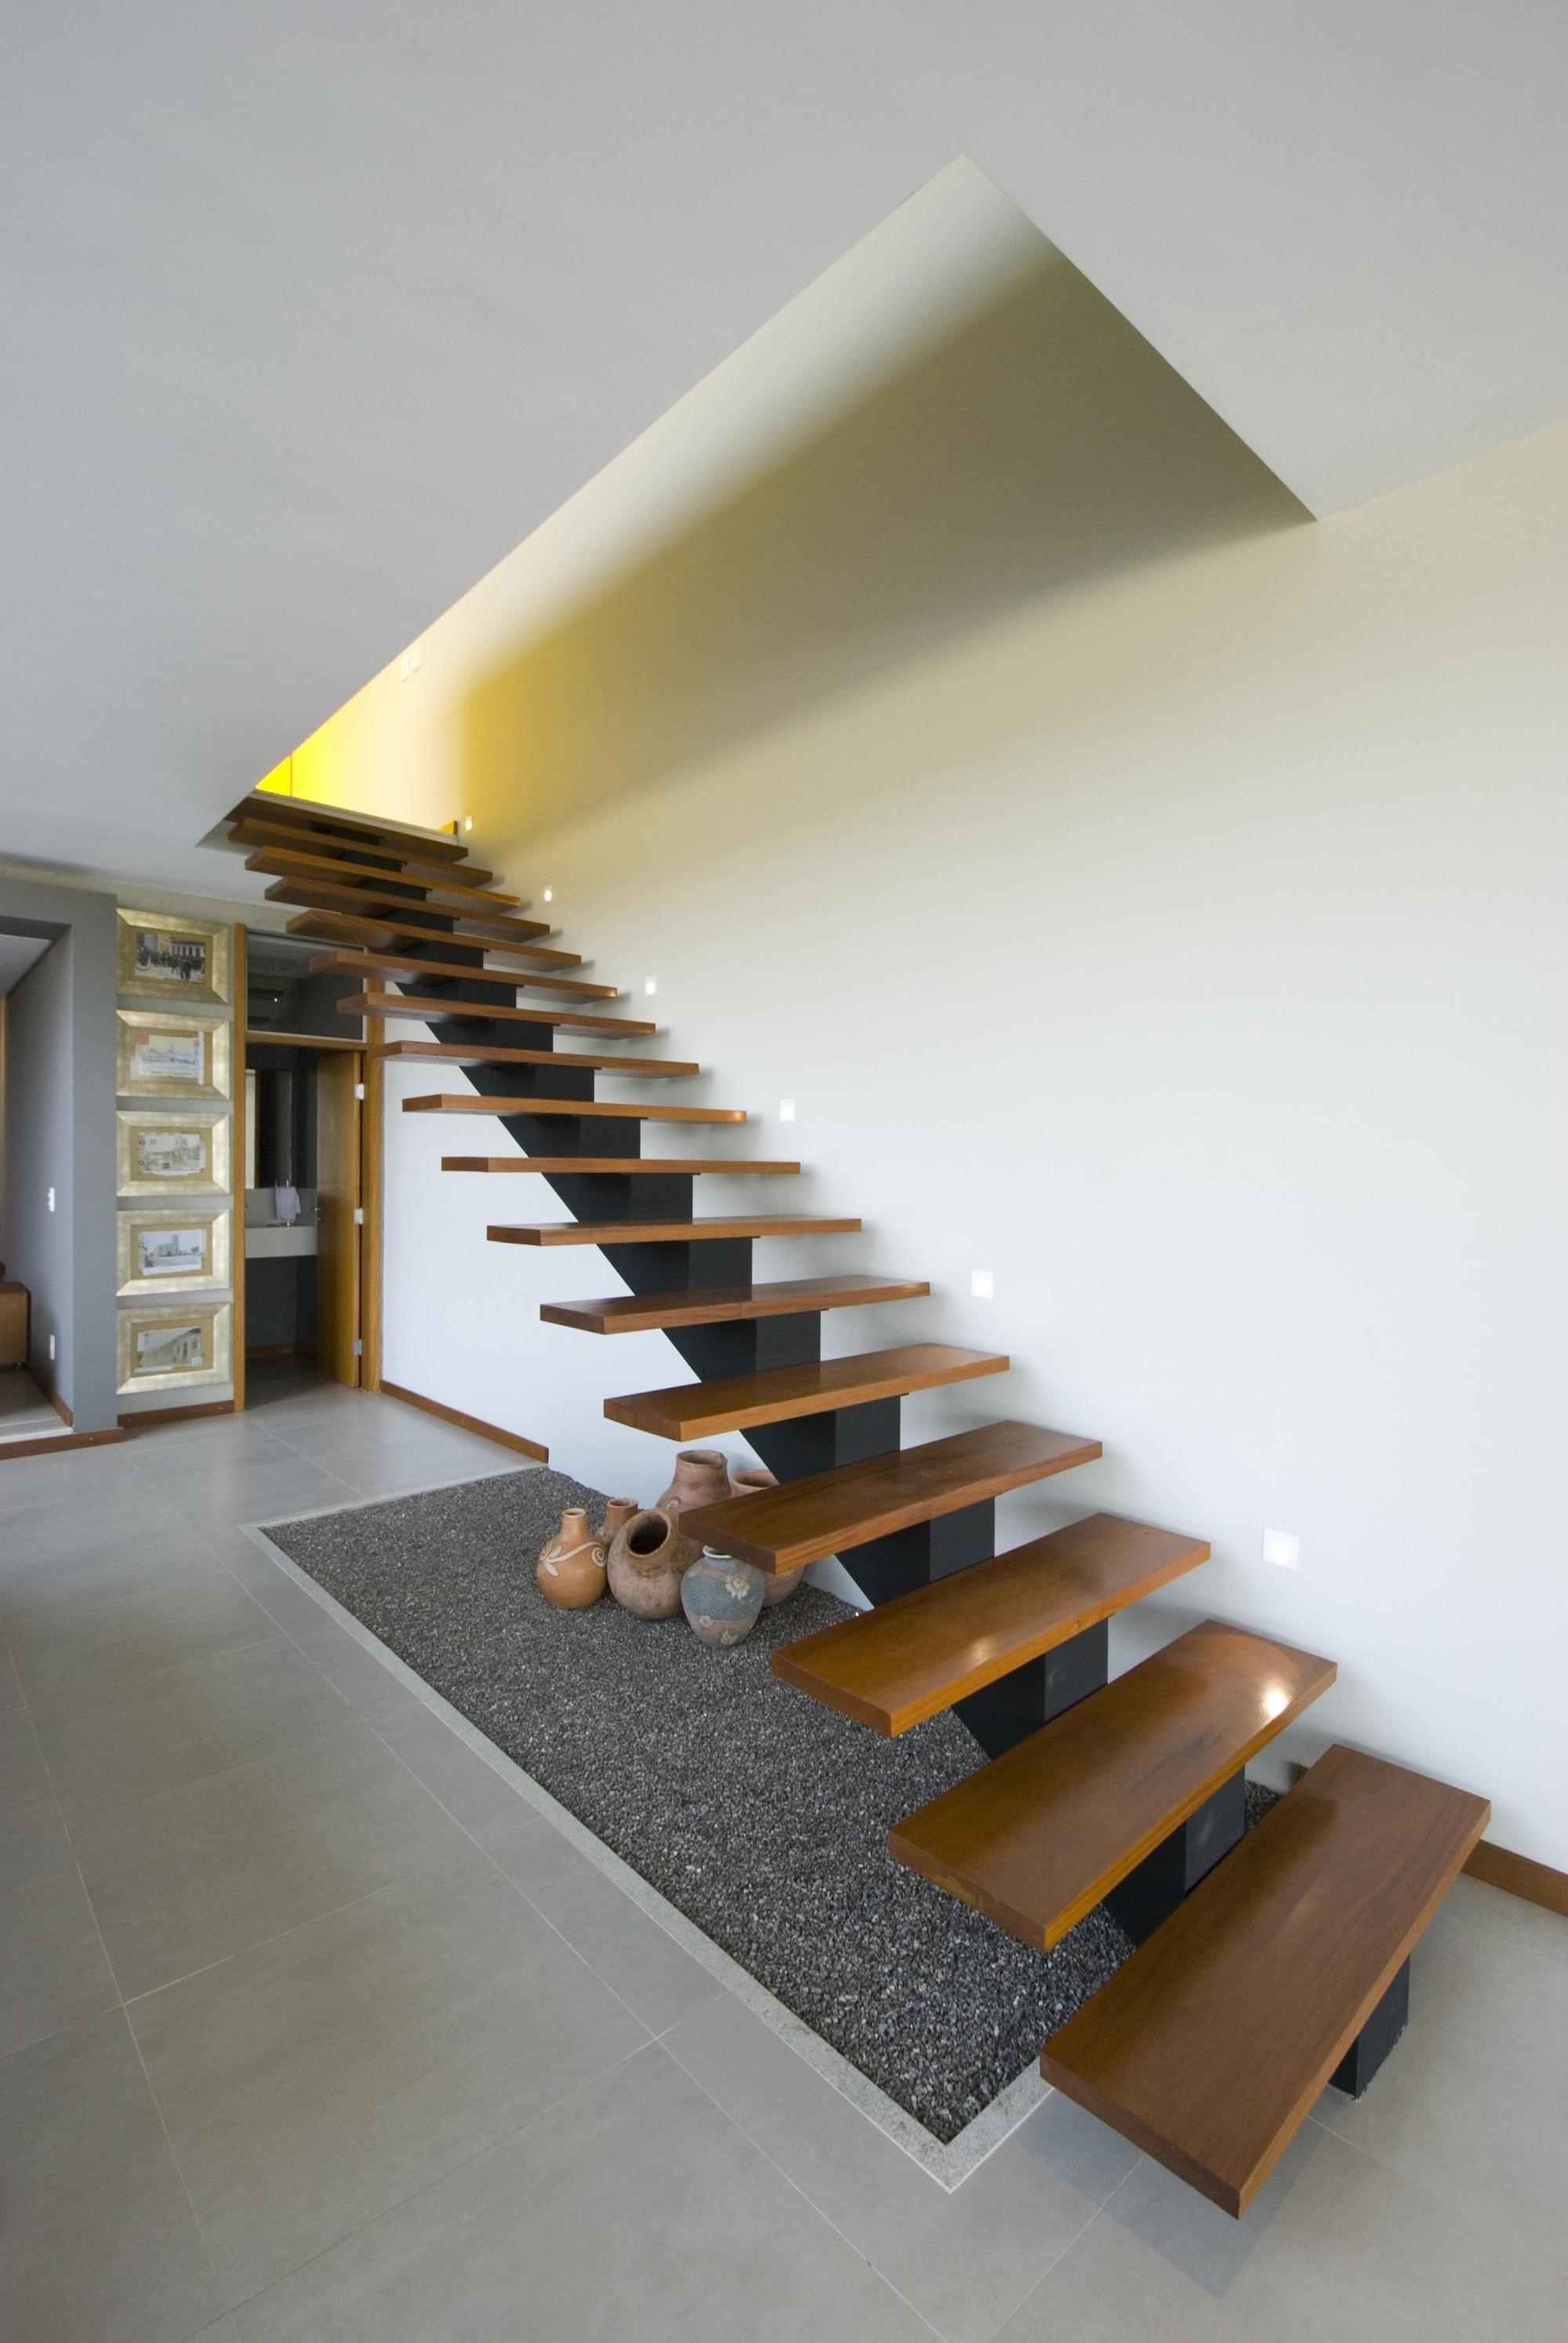 Galeria - Casa DSL / Leandro Matsuda - 8